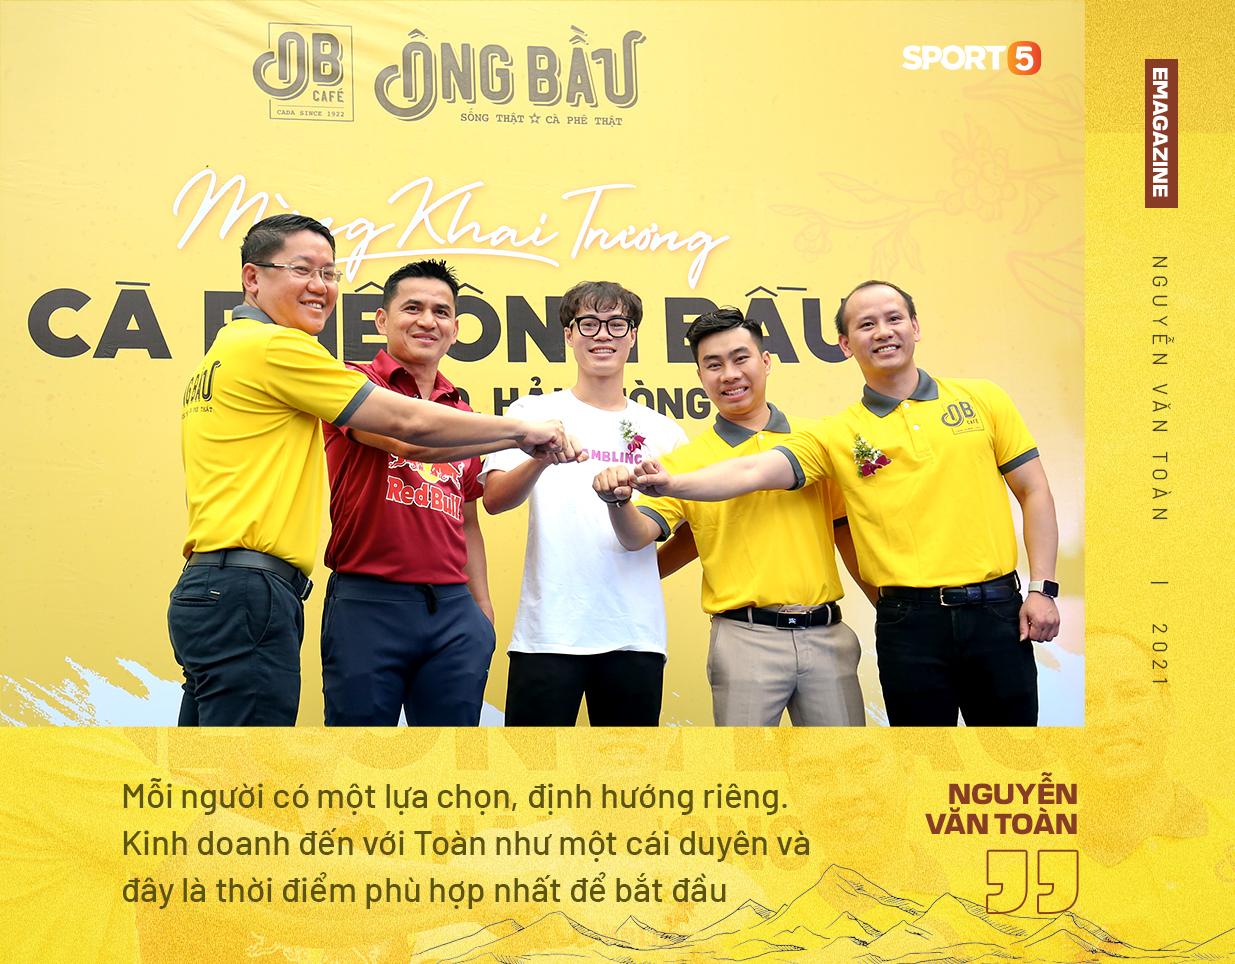 Nguyễn Văn Toàn: Tôi muốn được nhớ đến là một cầu thủ thành công và doanh nhân thành đạt - Ảnh 2.